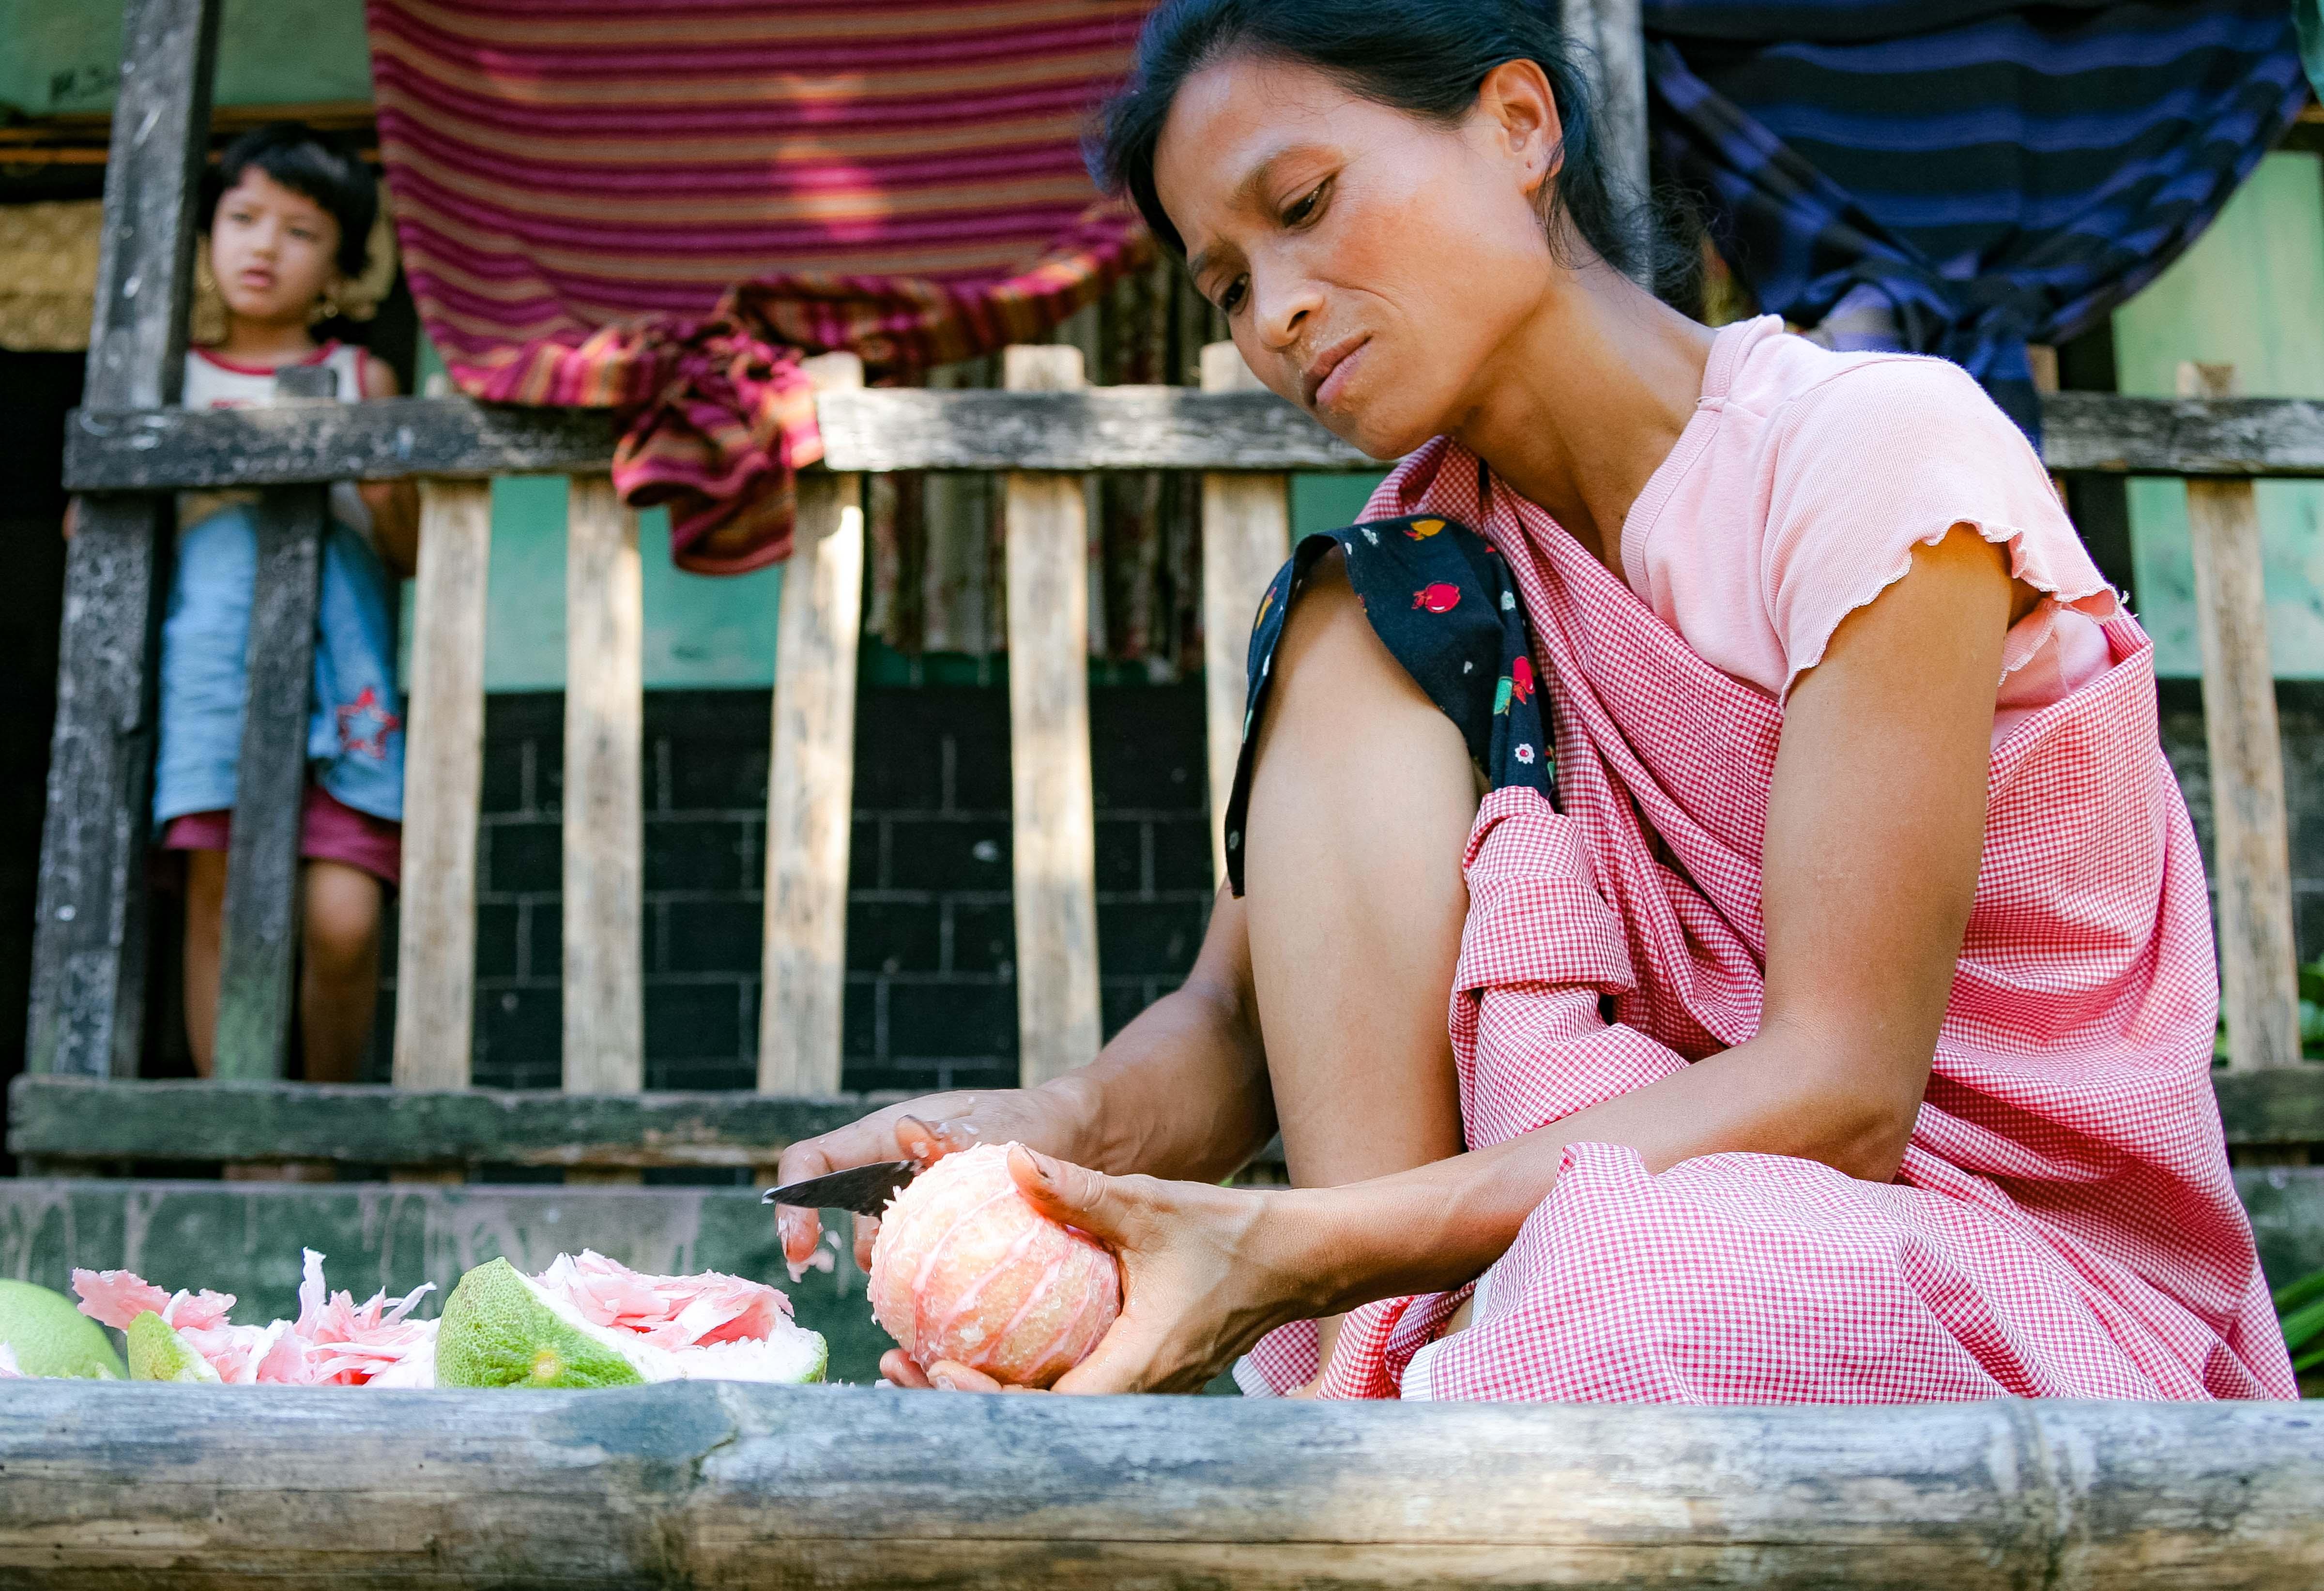 Bangladesh, Sylhet Prov, Woman Prepares Food, 2009, IMG 8186